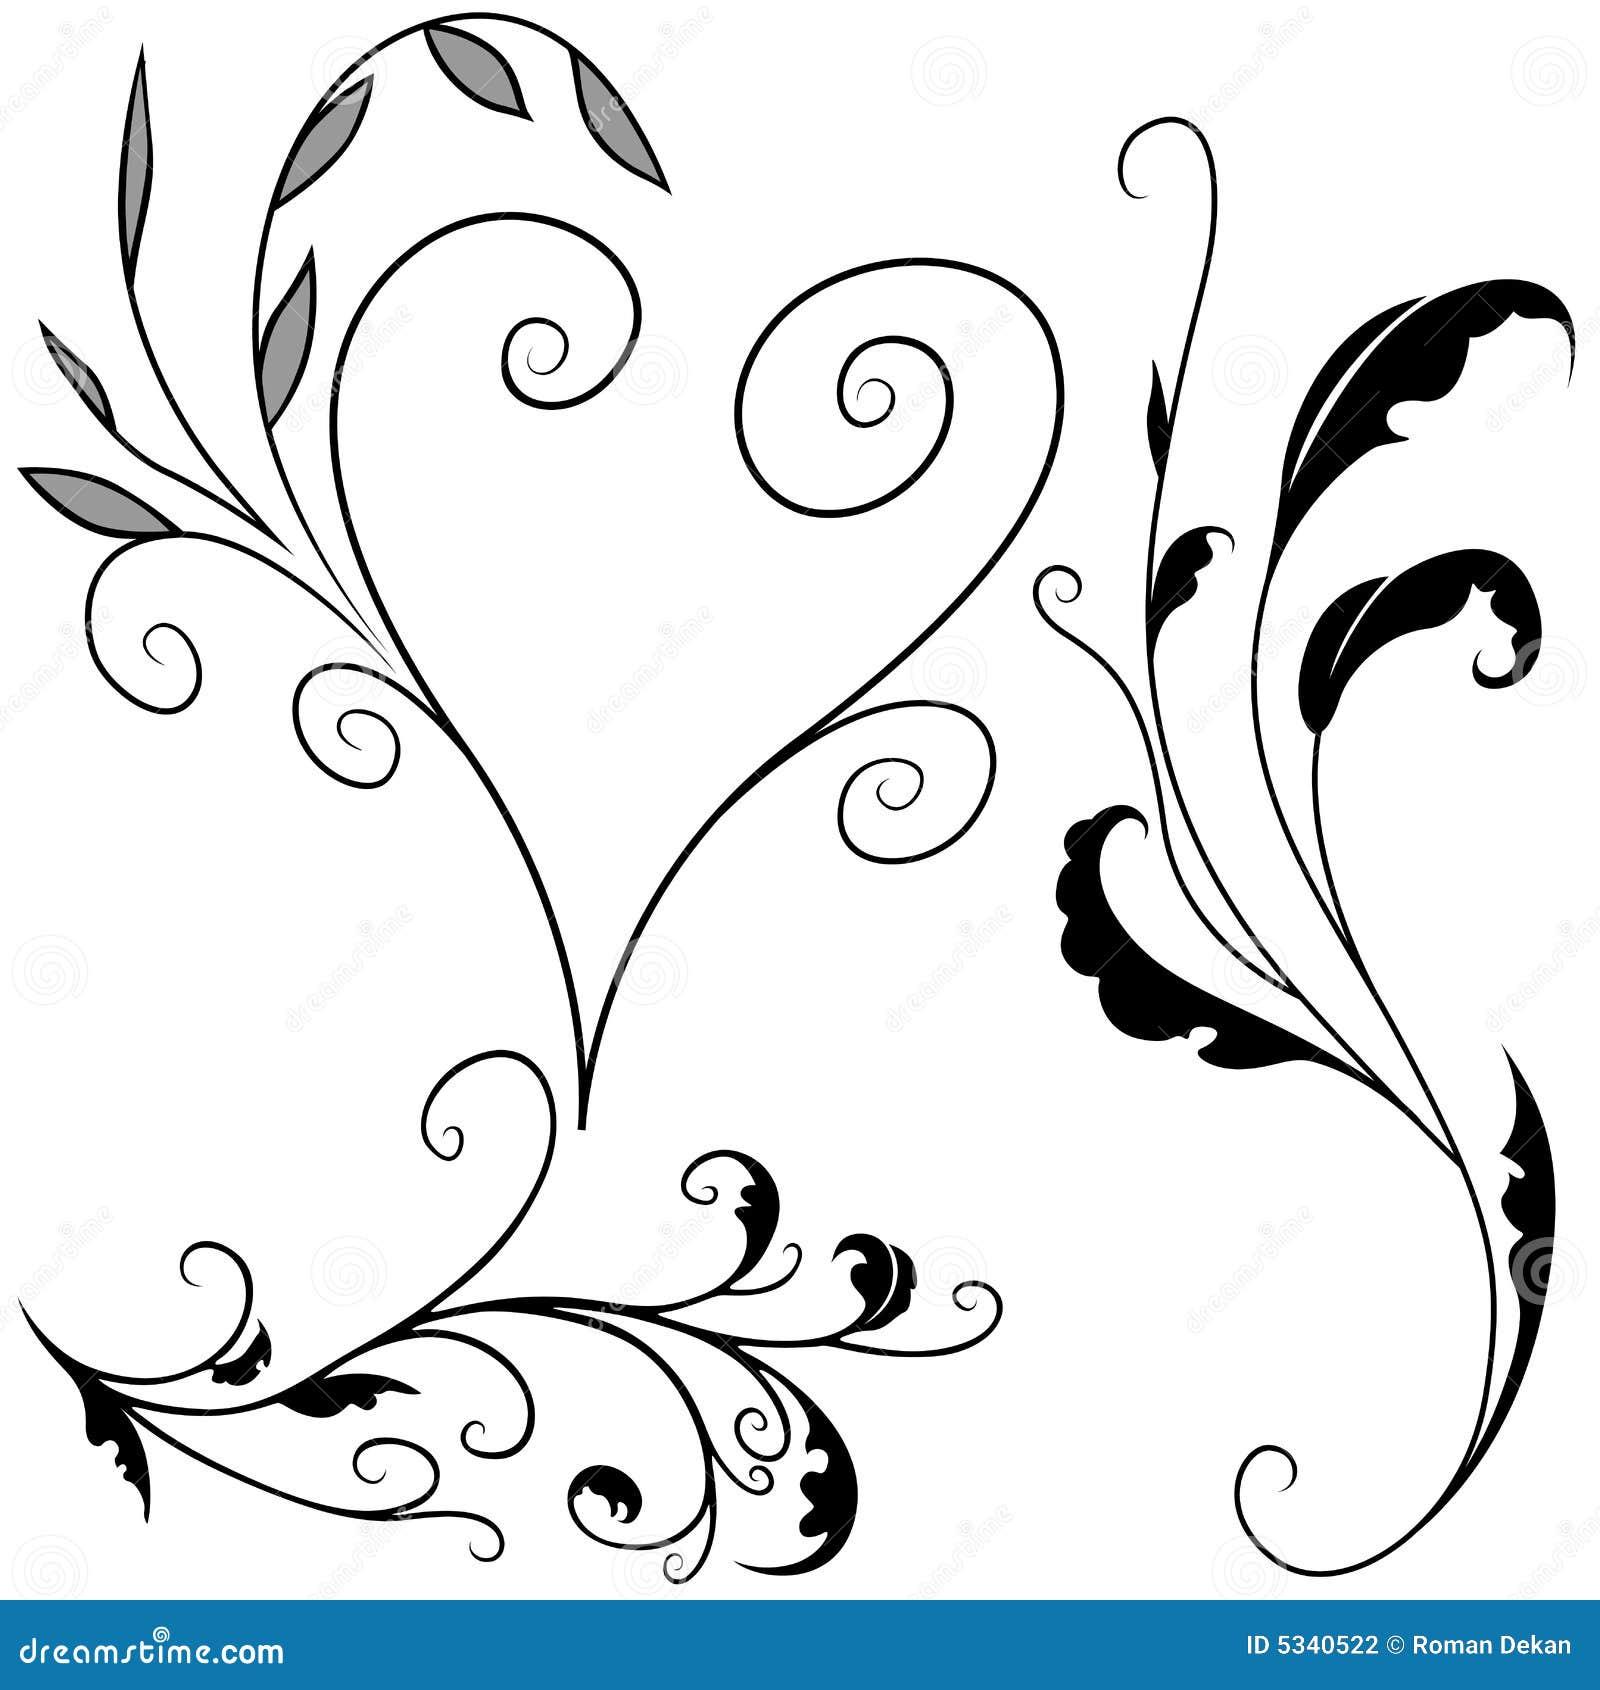 Floral elements G